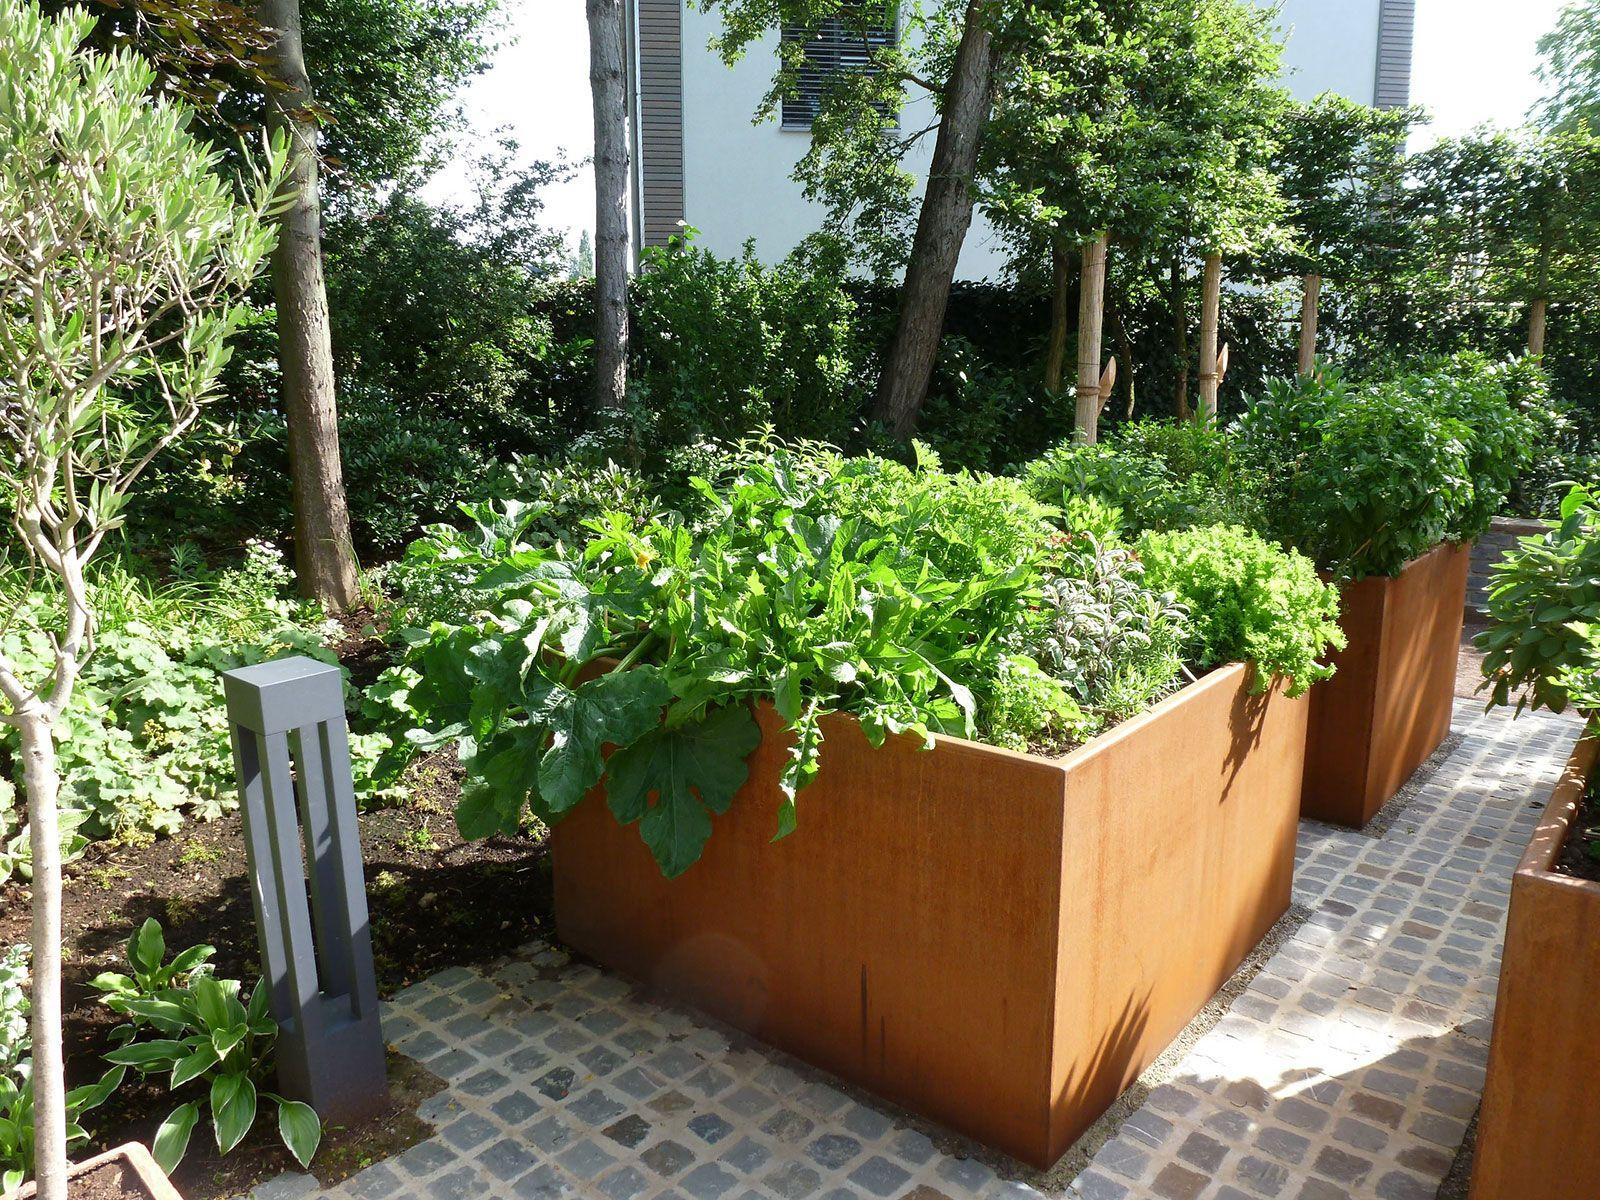 Bac potager surélevé Jardin et forªt Luxembourg